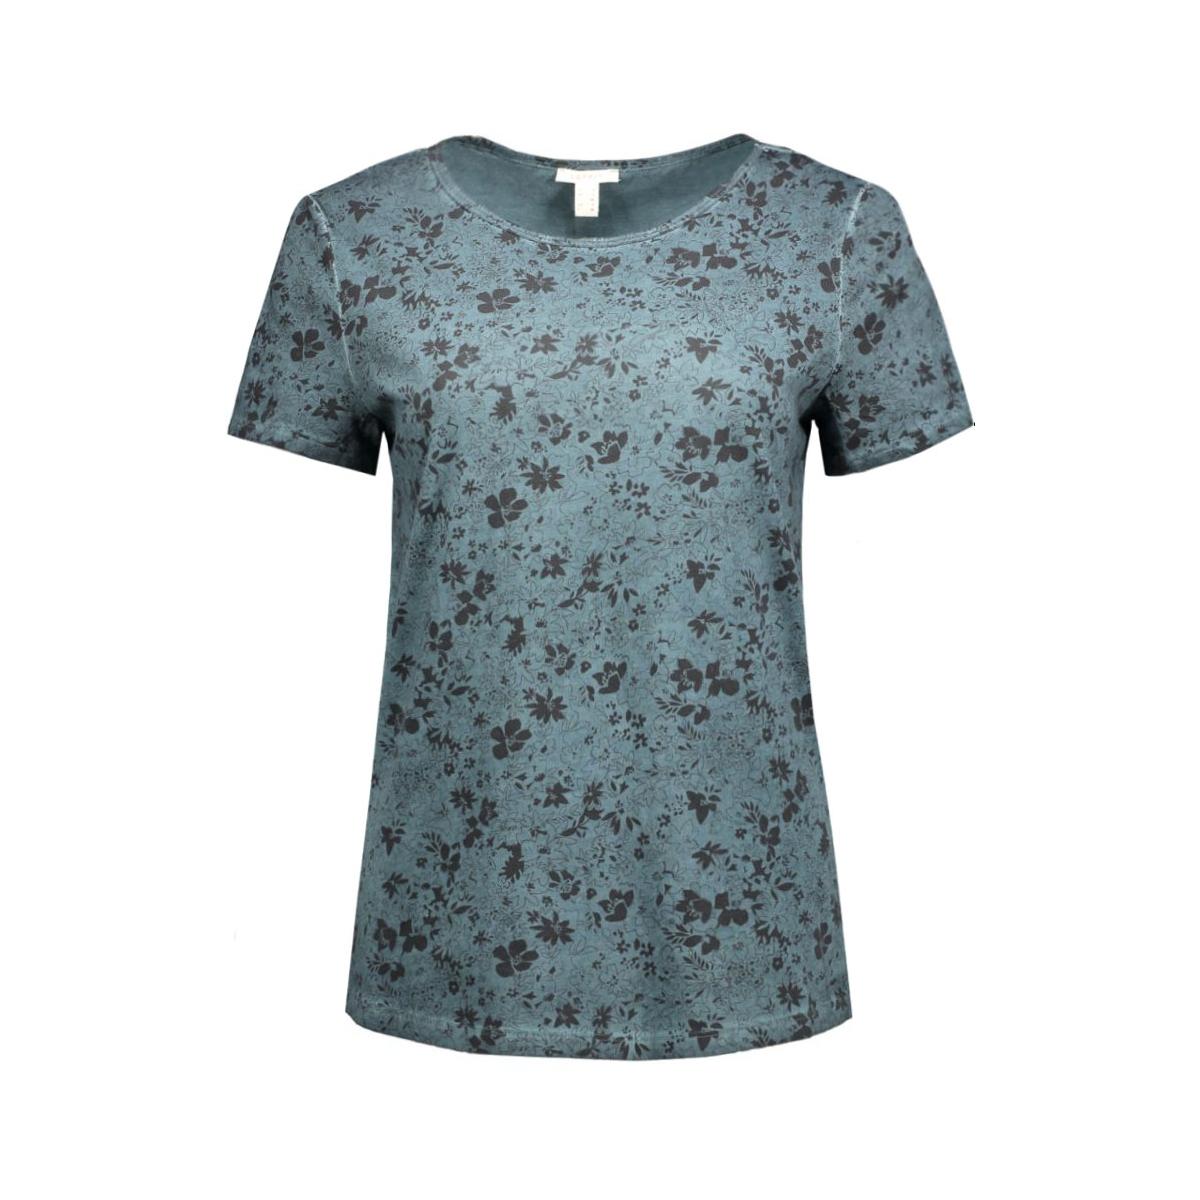 096ee1k023 esprit t-shirt e455